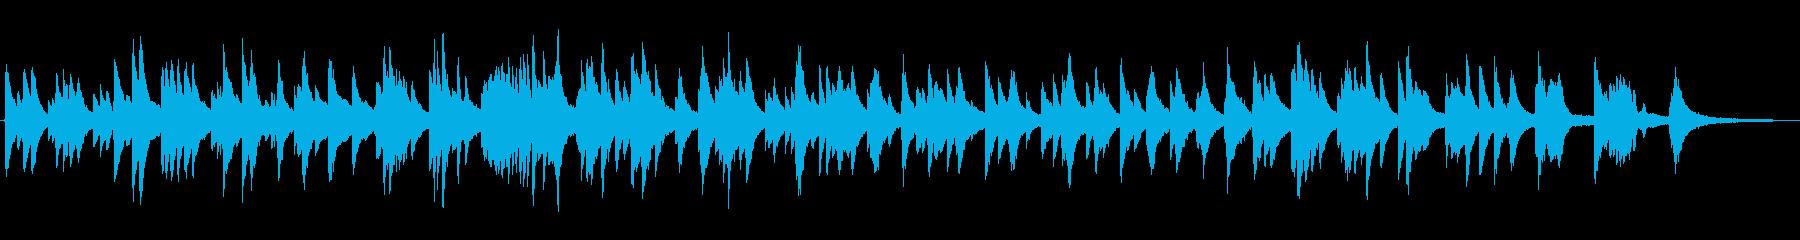 落ち着いたジャズ風ラウンジピアノソロの再生済みの波形